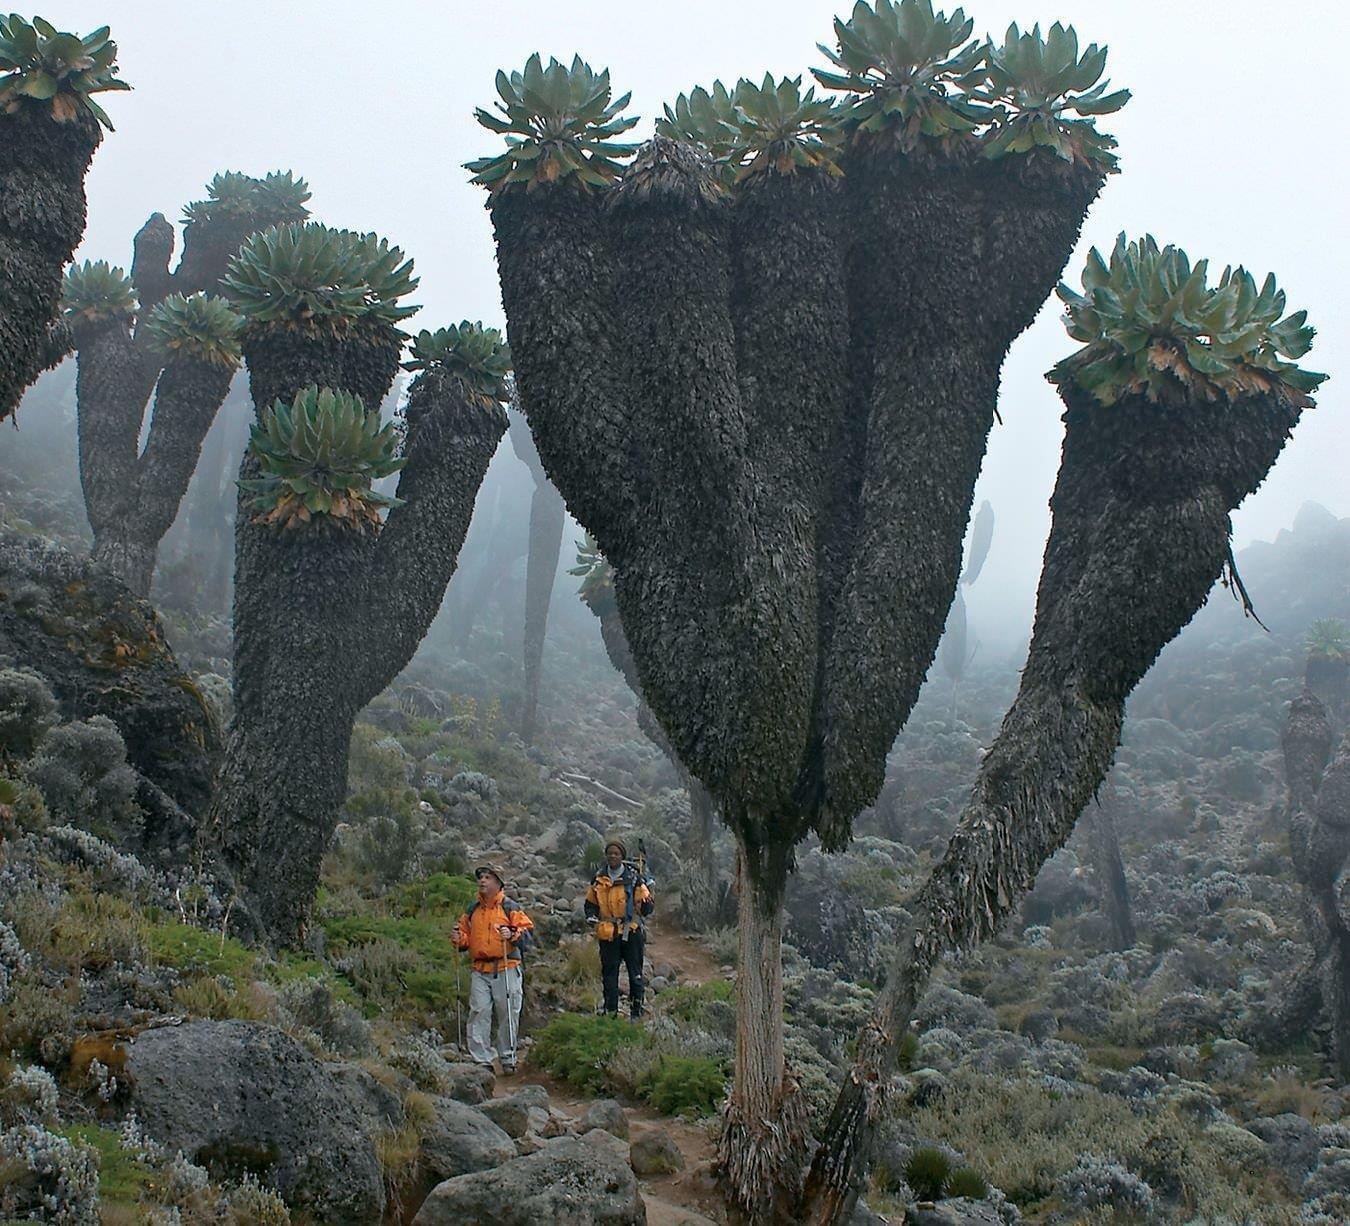 Гигантские крестовники, доисторические растения, обнаруженные на горе Килиманджаро